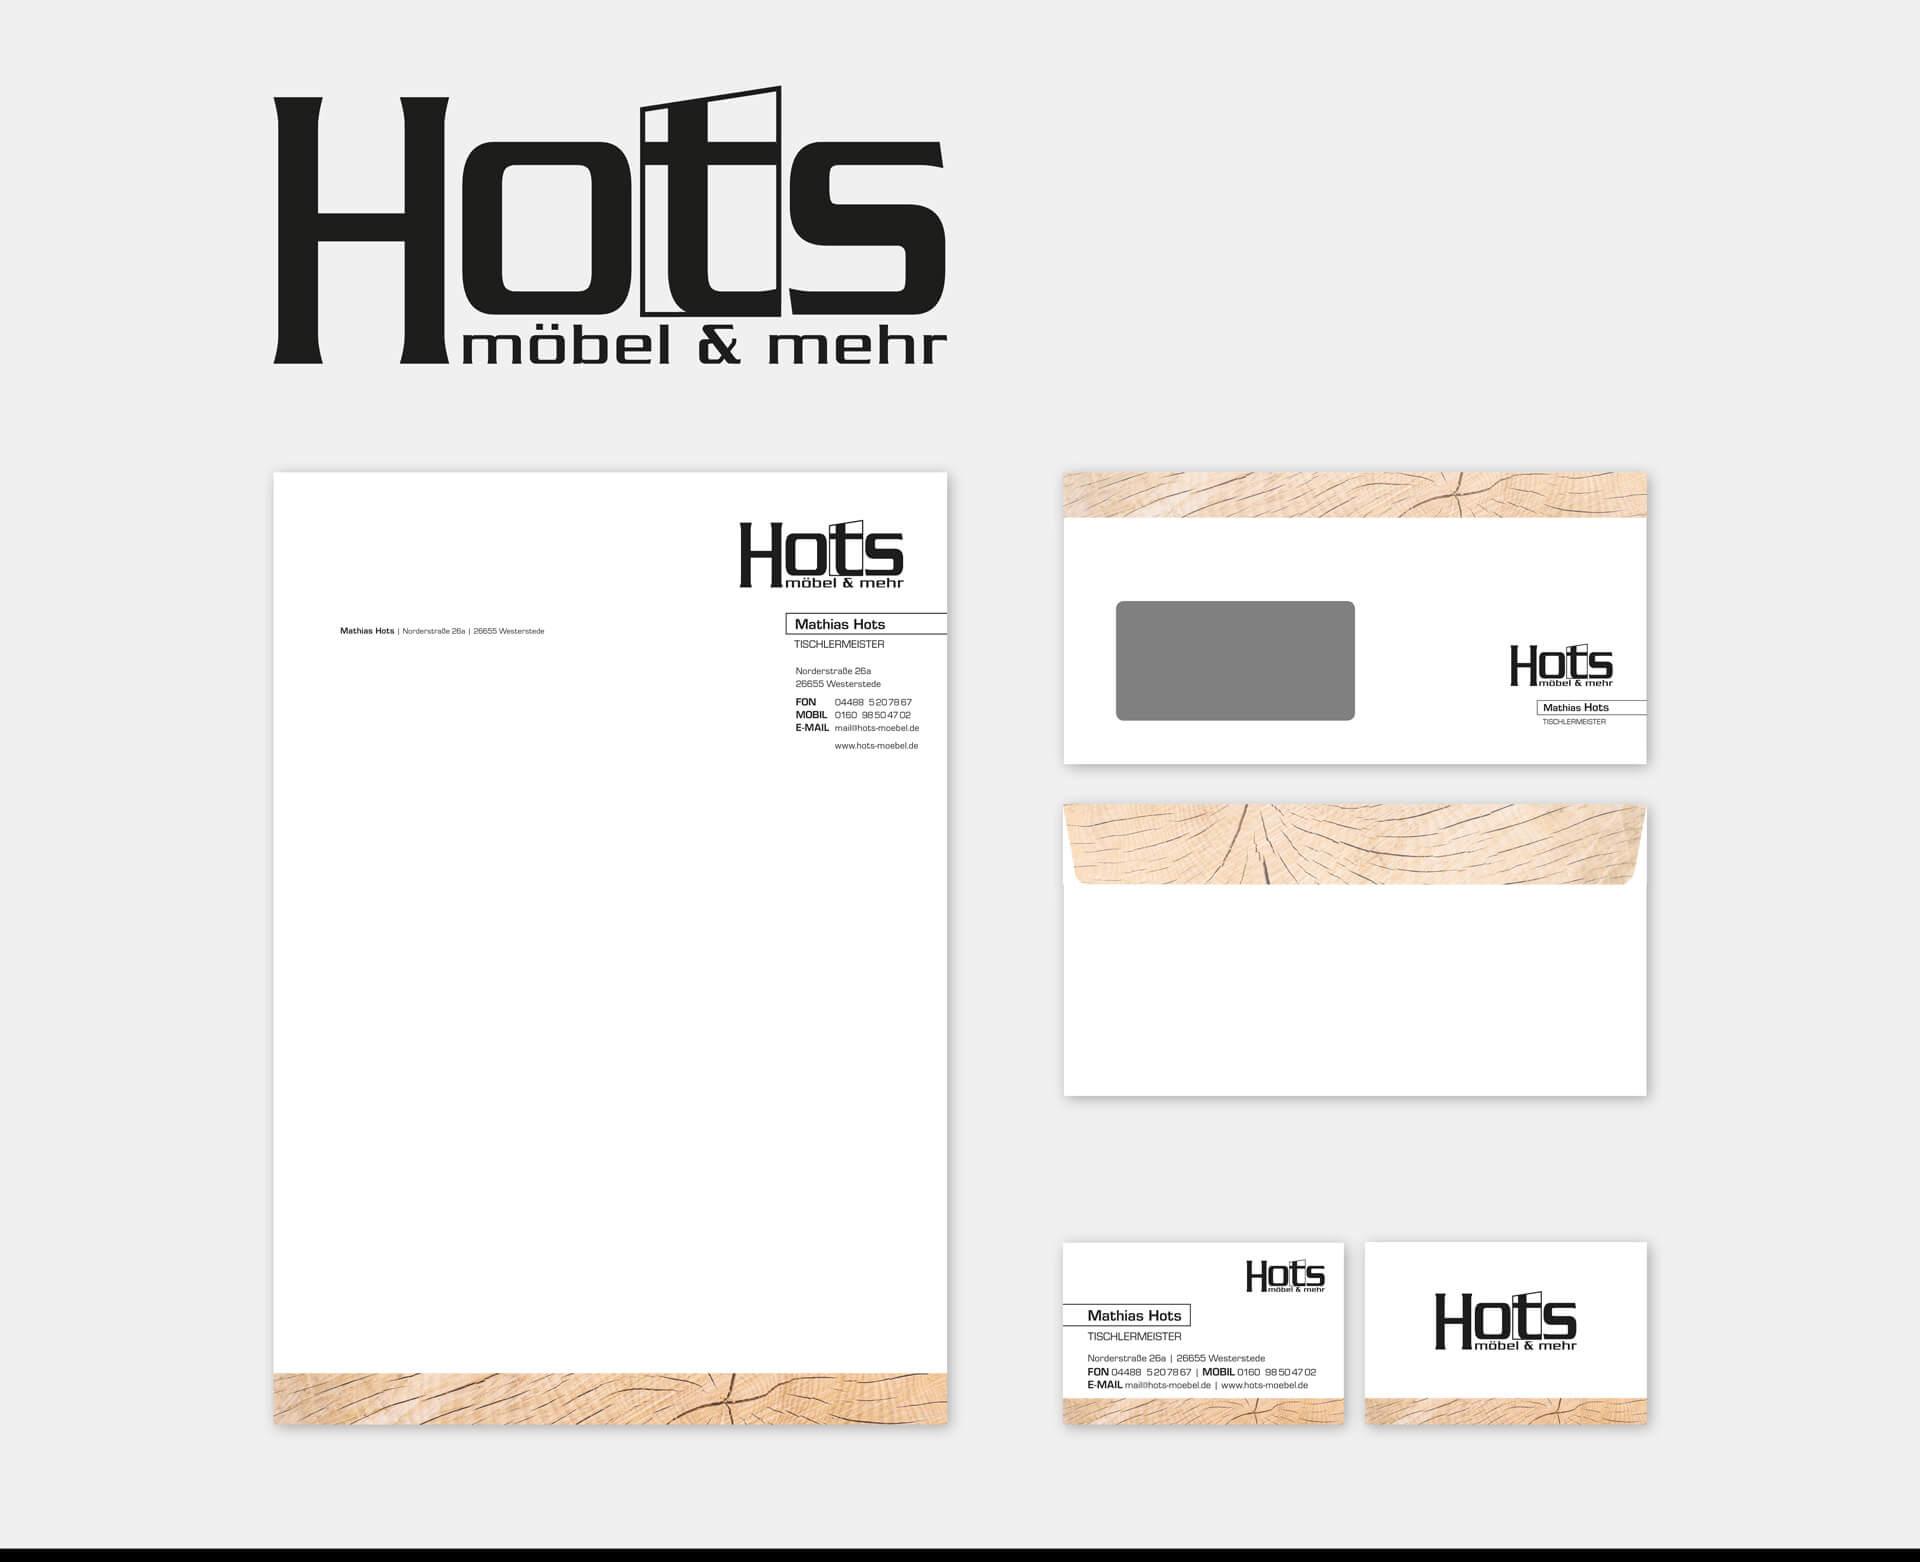 Hots möbel & mehr Briefpapier Briefumschlag Visitenkarte